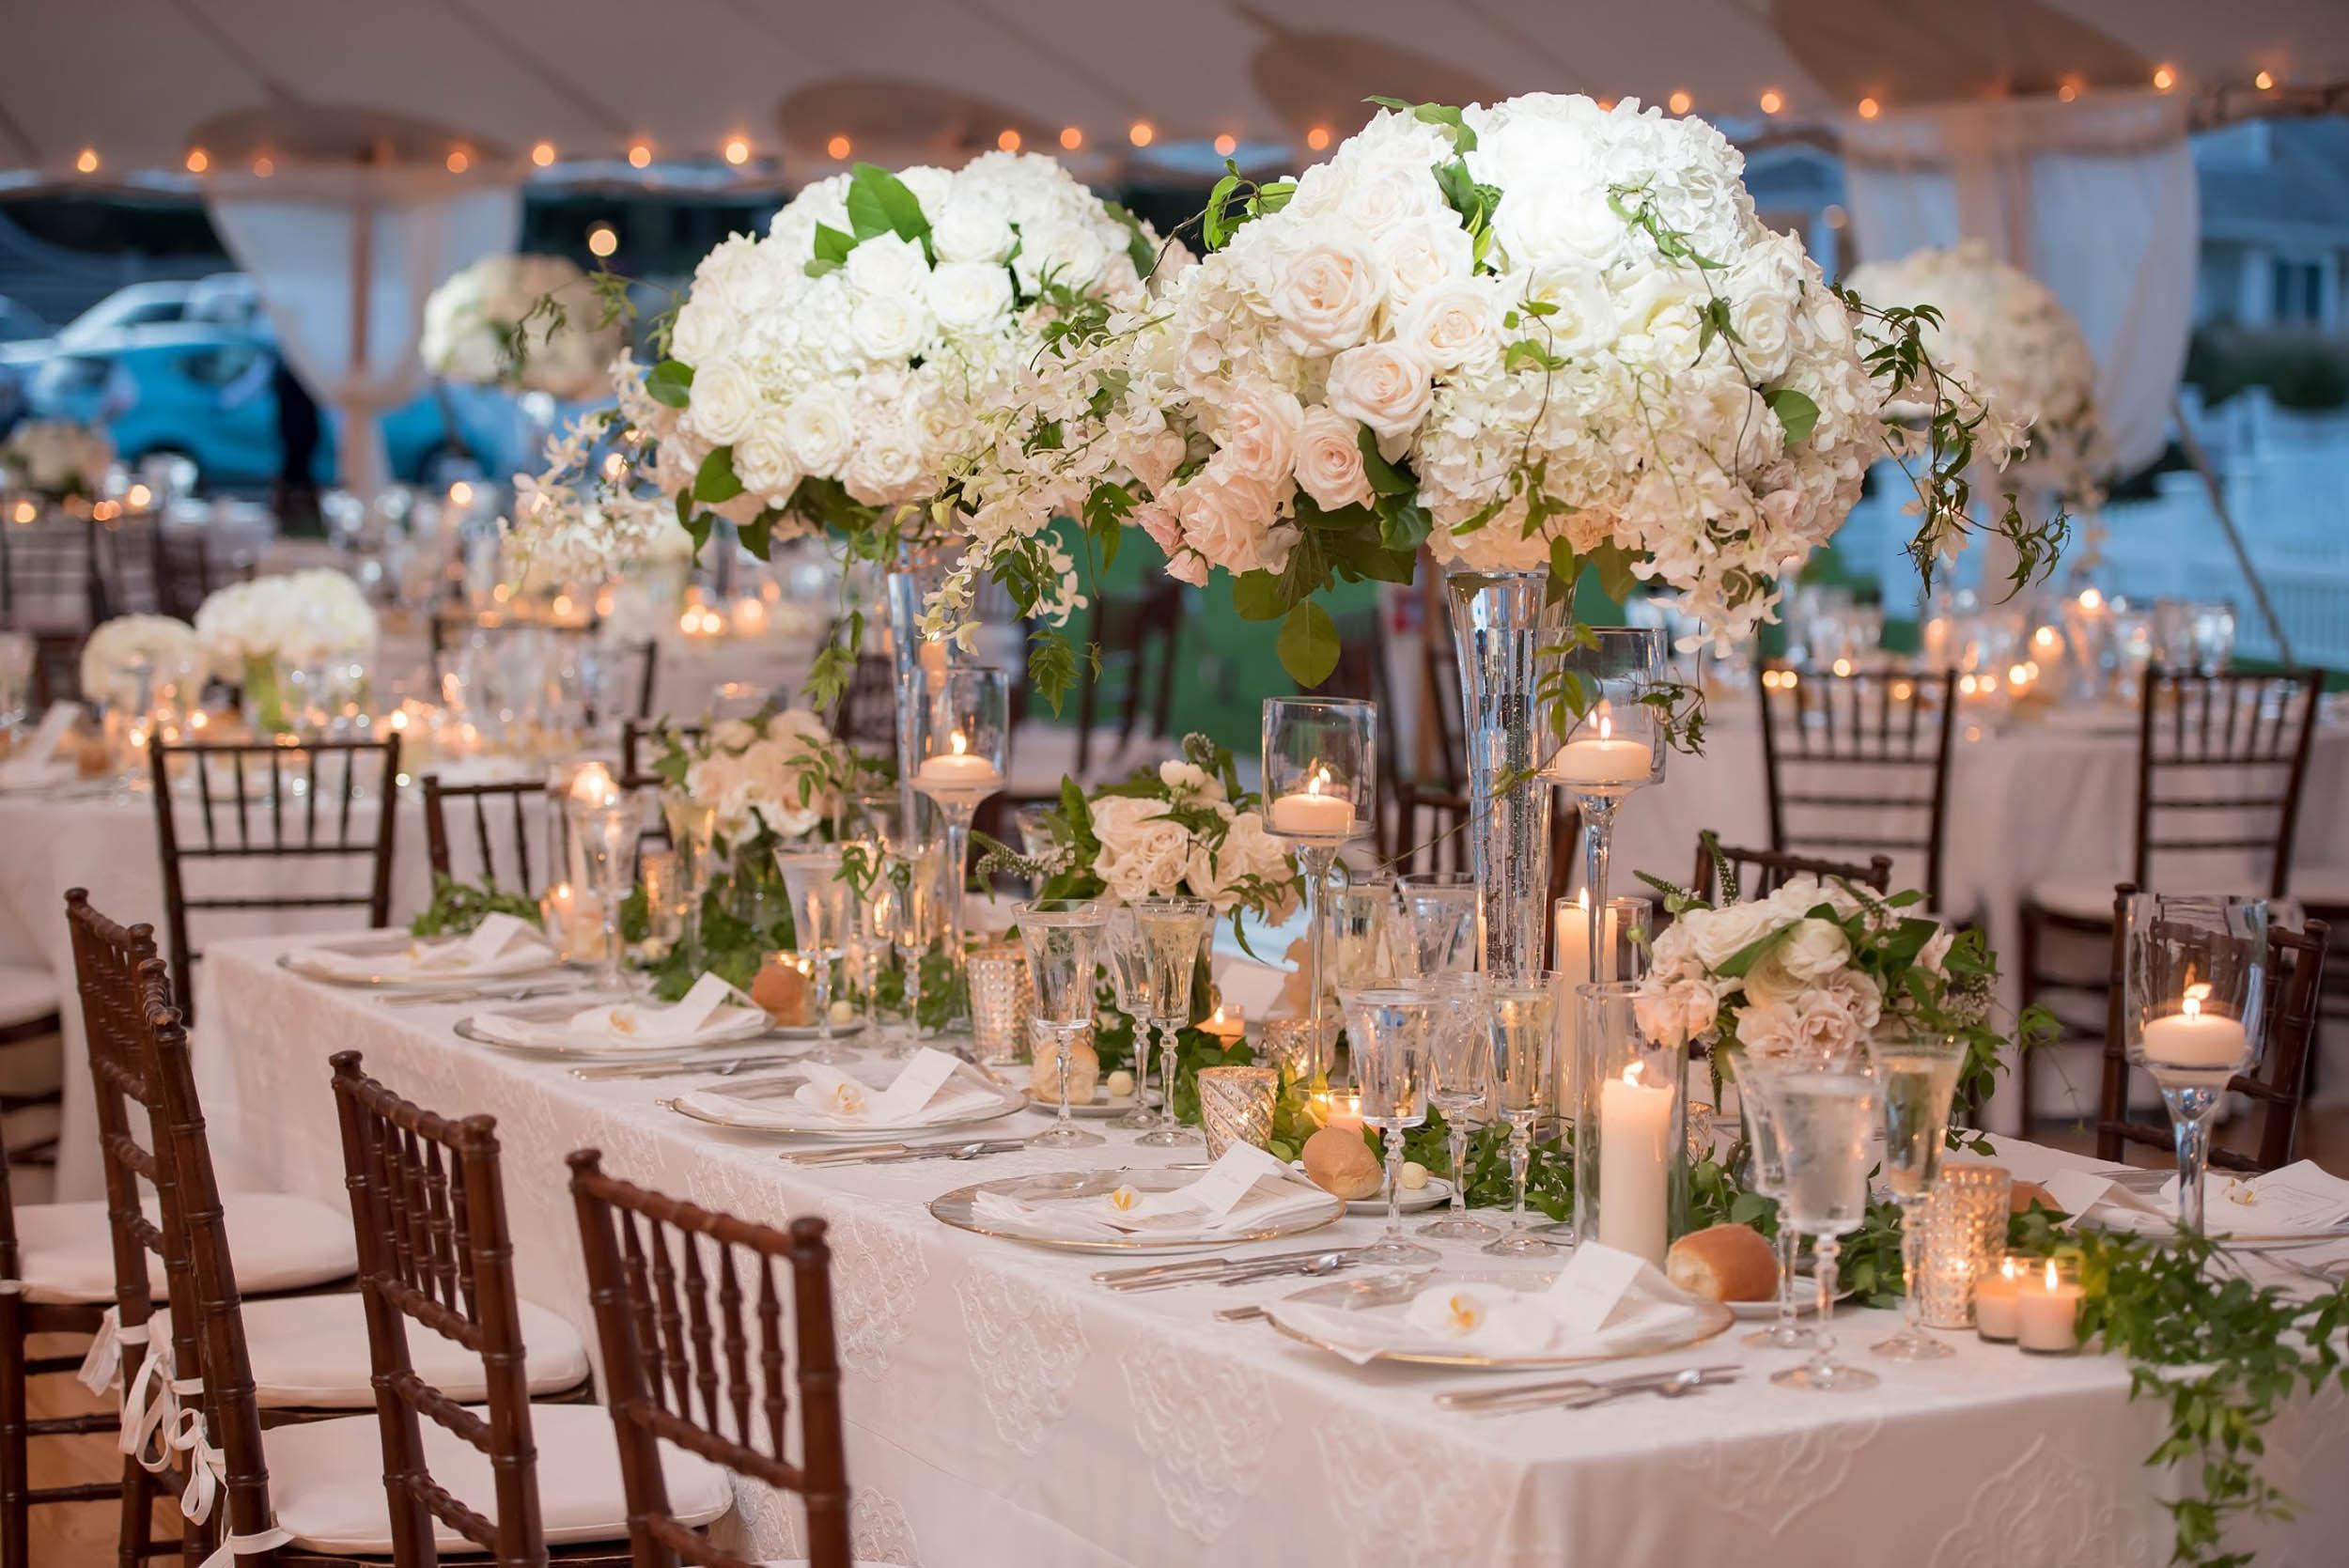 lilacs-florals-wedding-florist-tents-hires-089.jpg